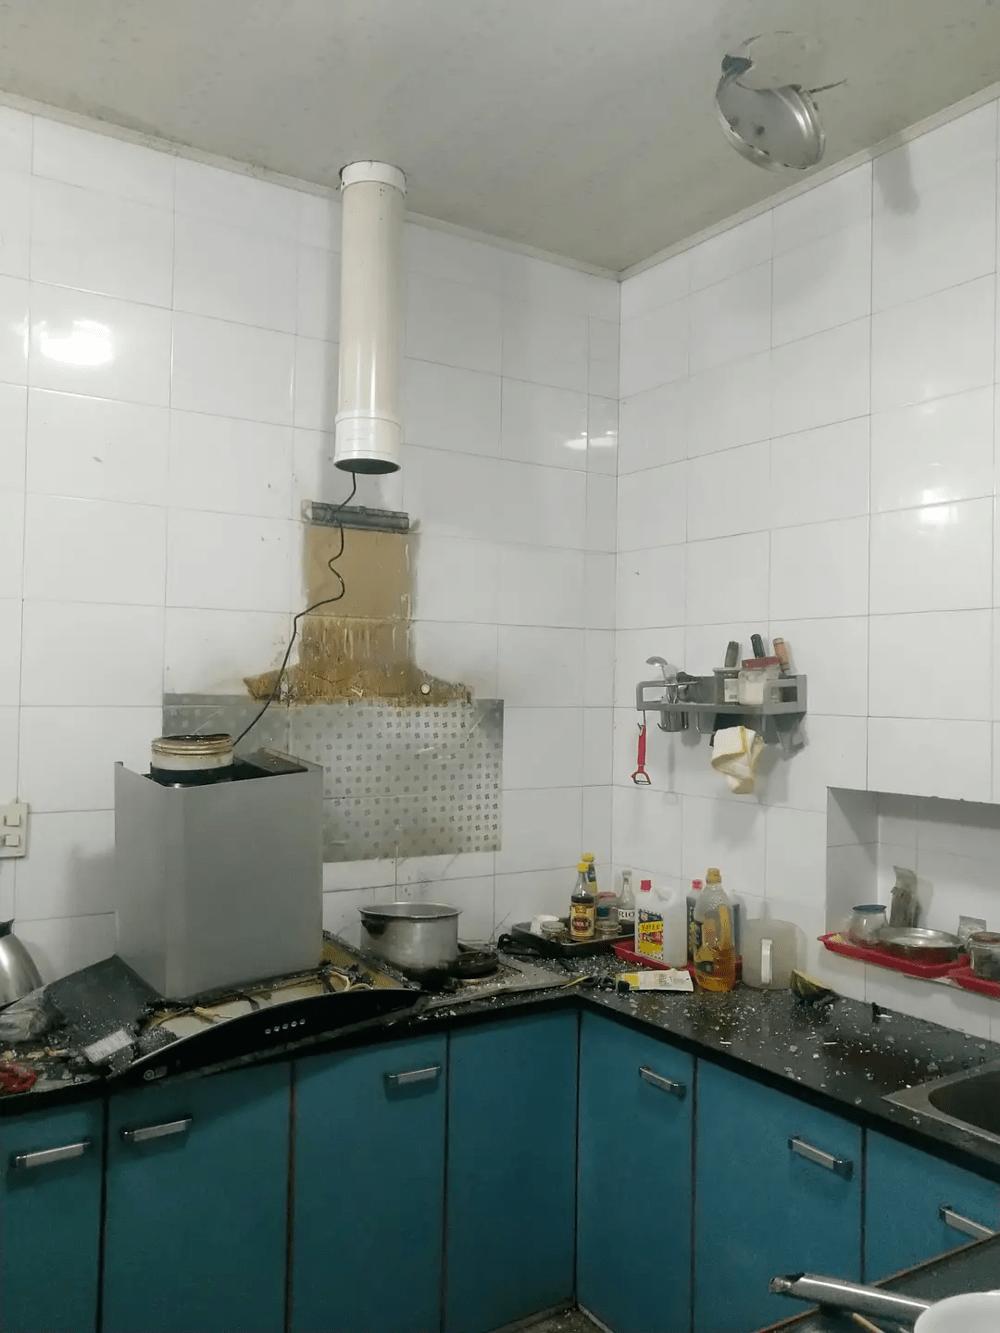 逛完高压锅爆炸小组,再也不敢下厨房